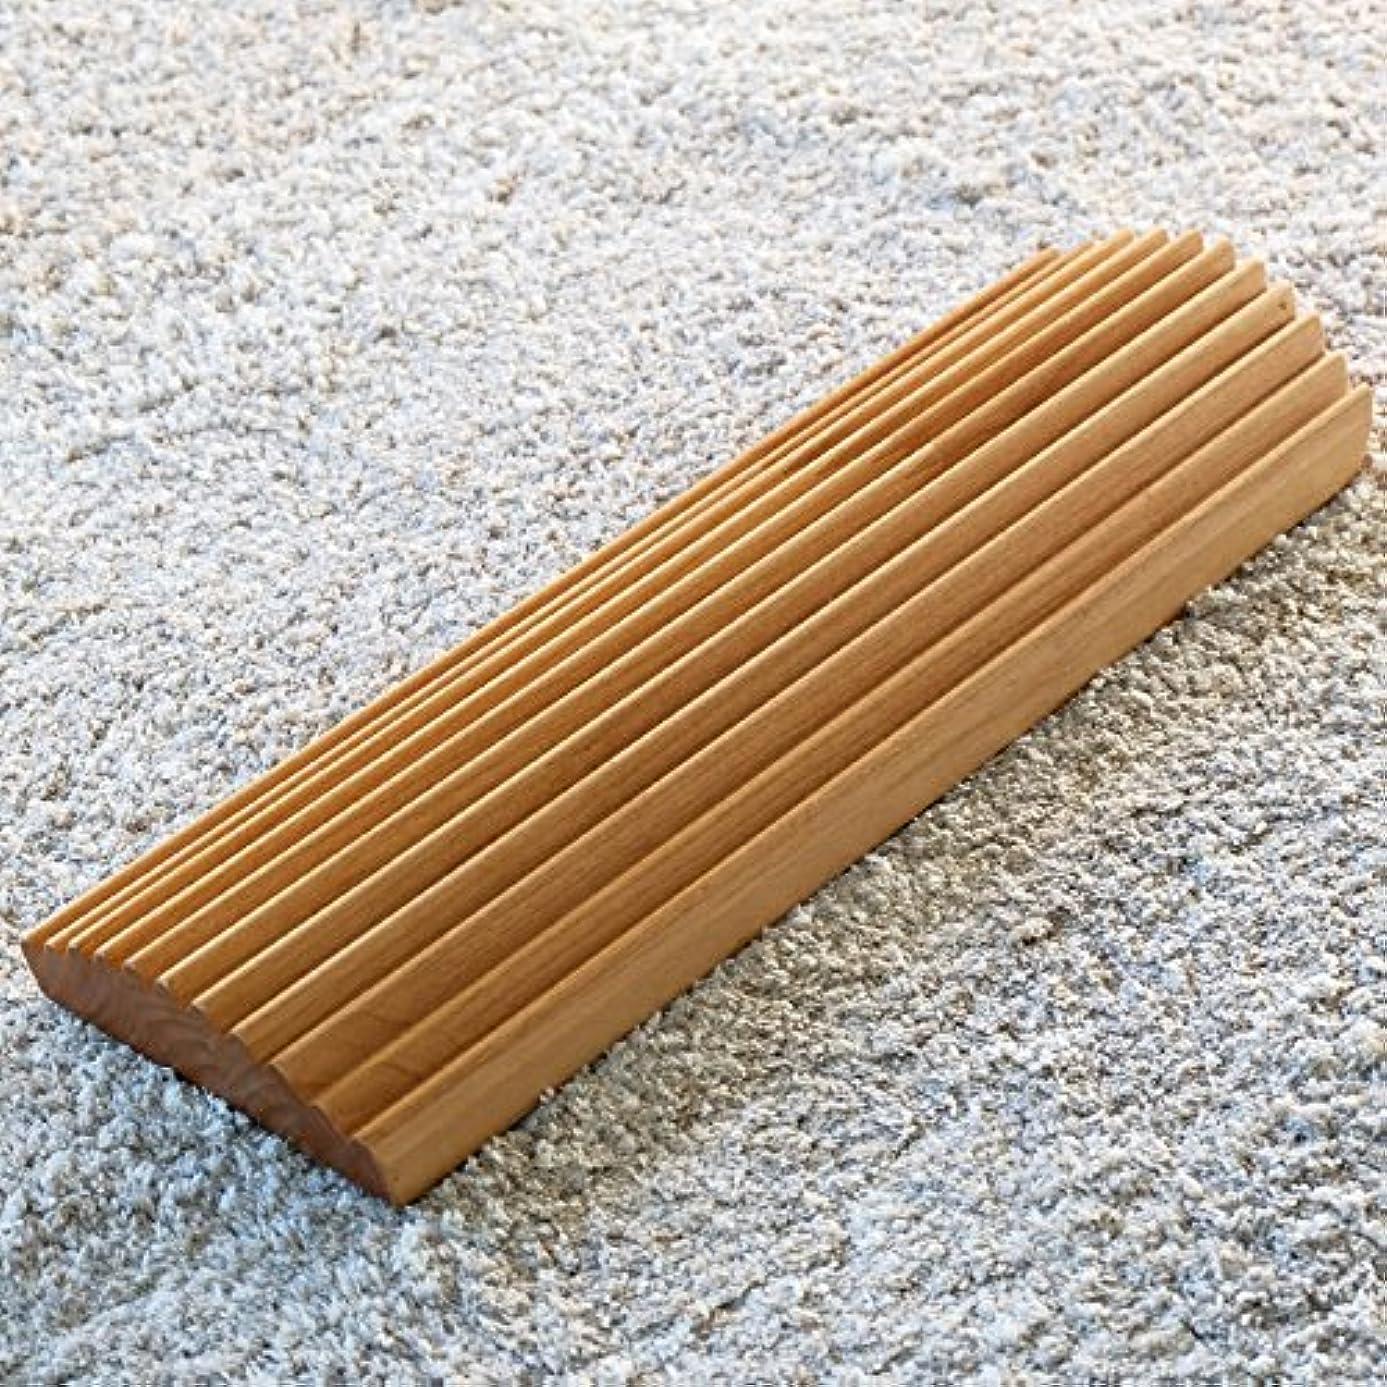 日恐怖症オフISSEIKI 足踏み アルダー材 幅40cm FIT ASIFUMI 40 (NA) フットケア 木製 おしゃれ プレゼント 指圧代用 FIT ASIFUMI 40 (AL-NA)